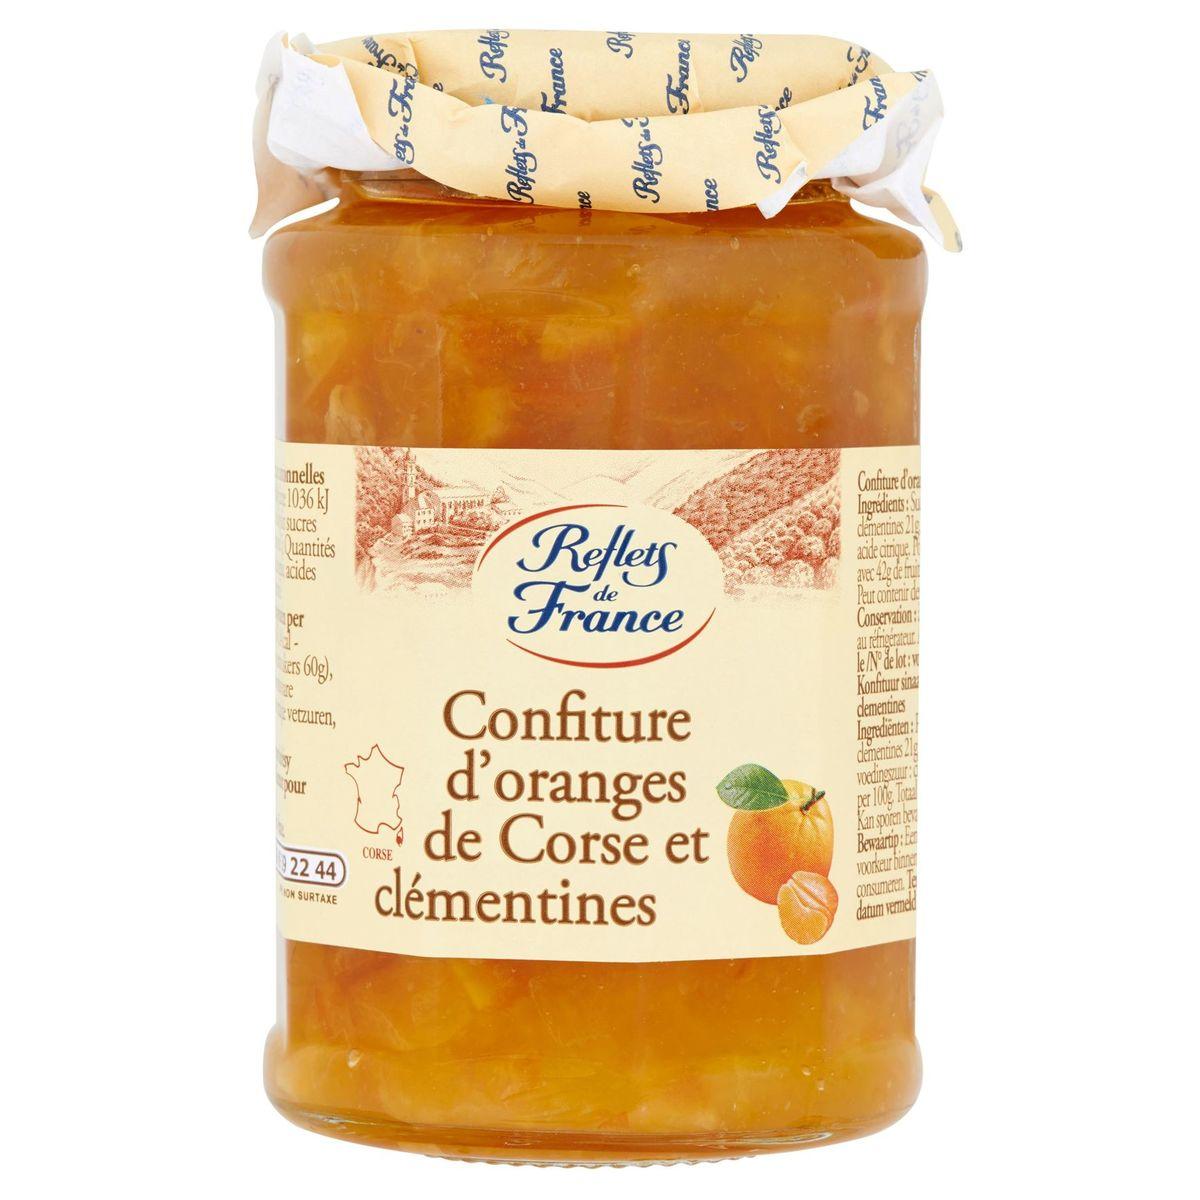 Reflets de France Confiture d'Oranges de Corse et Clémentines 325 g